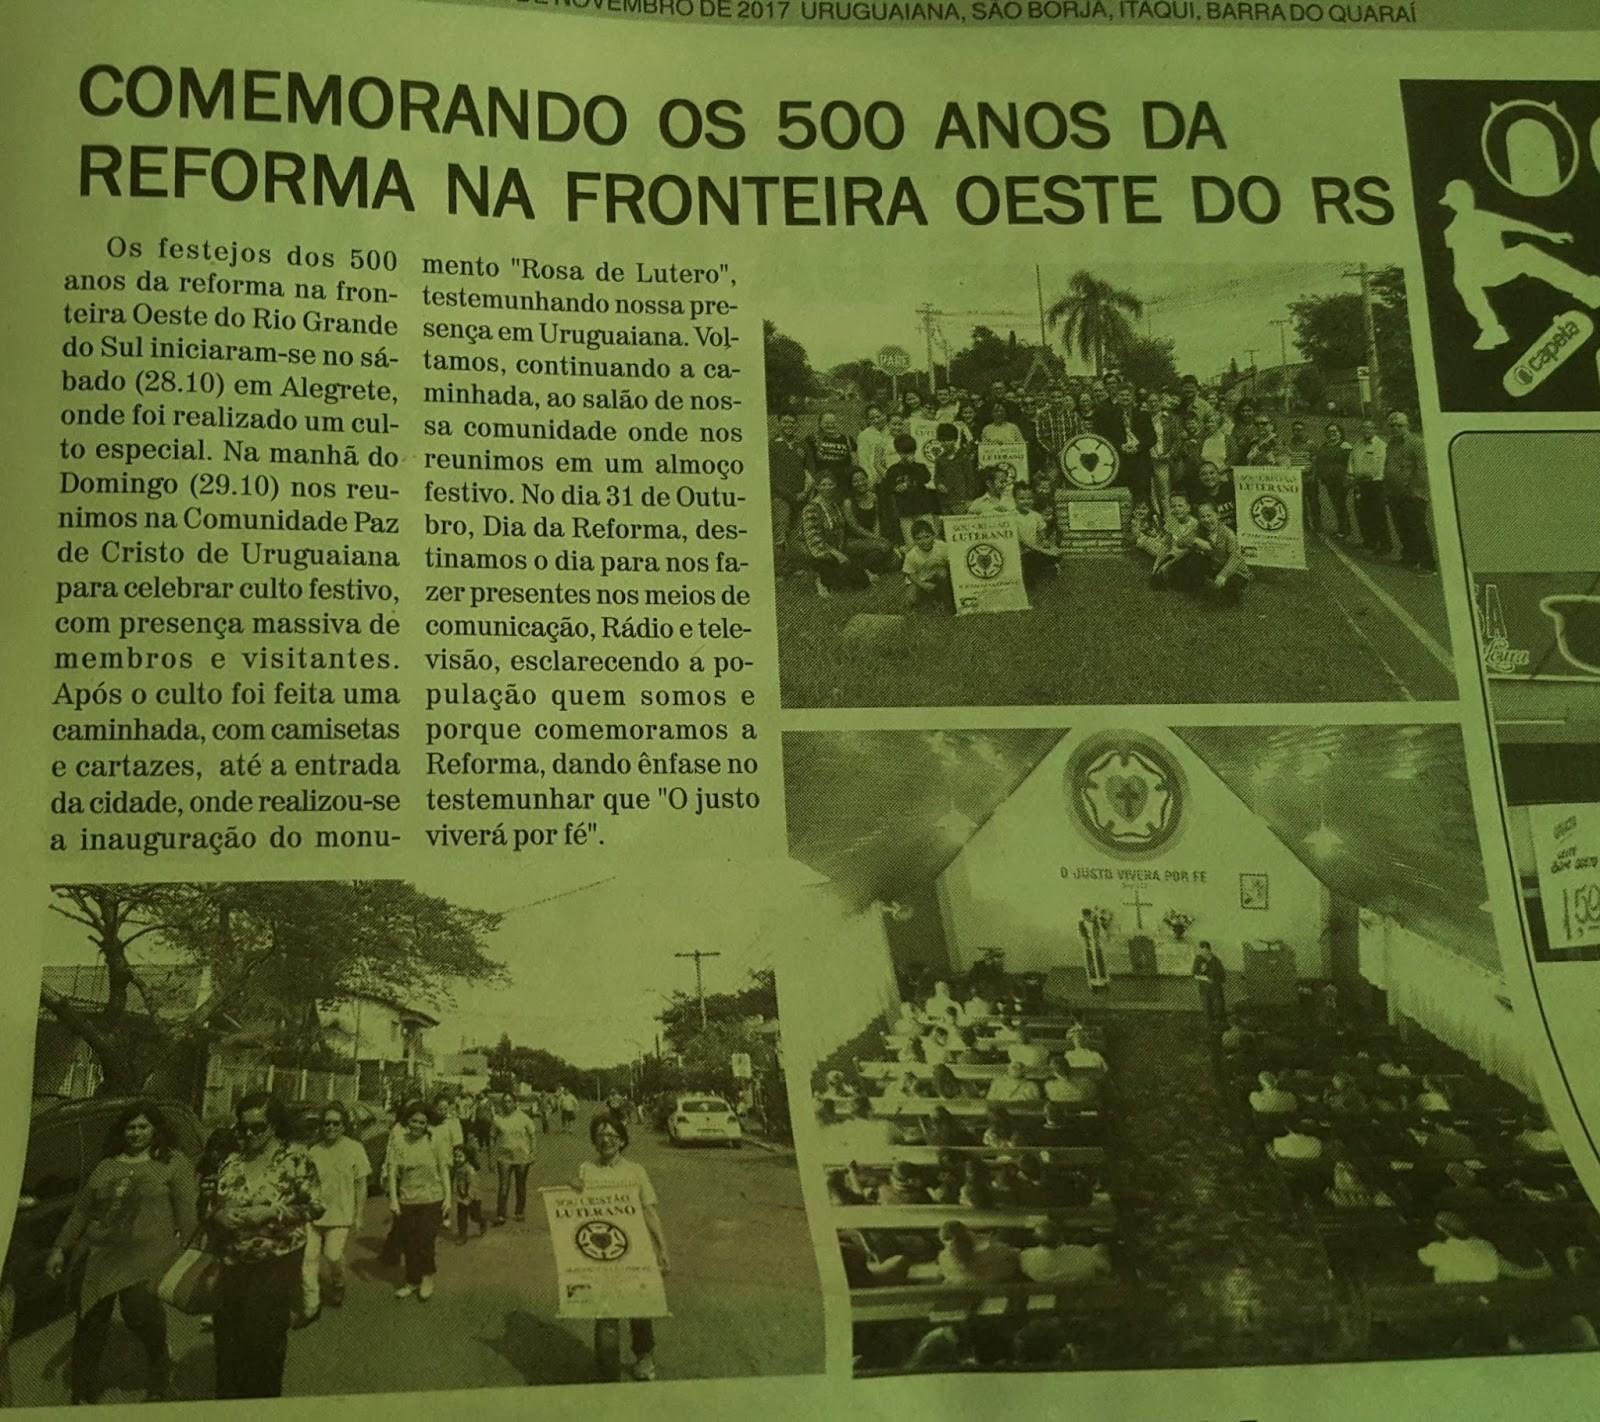 """Fotos a respeito de toda atividade realizada por ocasi£o dos 500 anos da Reforma foram publicadas no dia 11 de Novembro no Jornal """"Pampiano"""""""